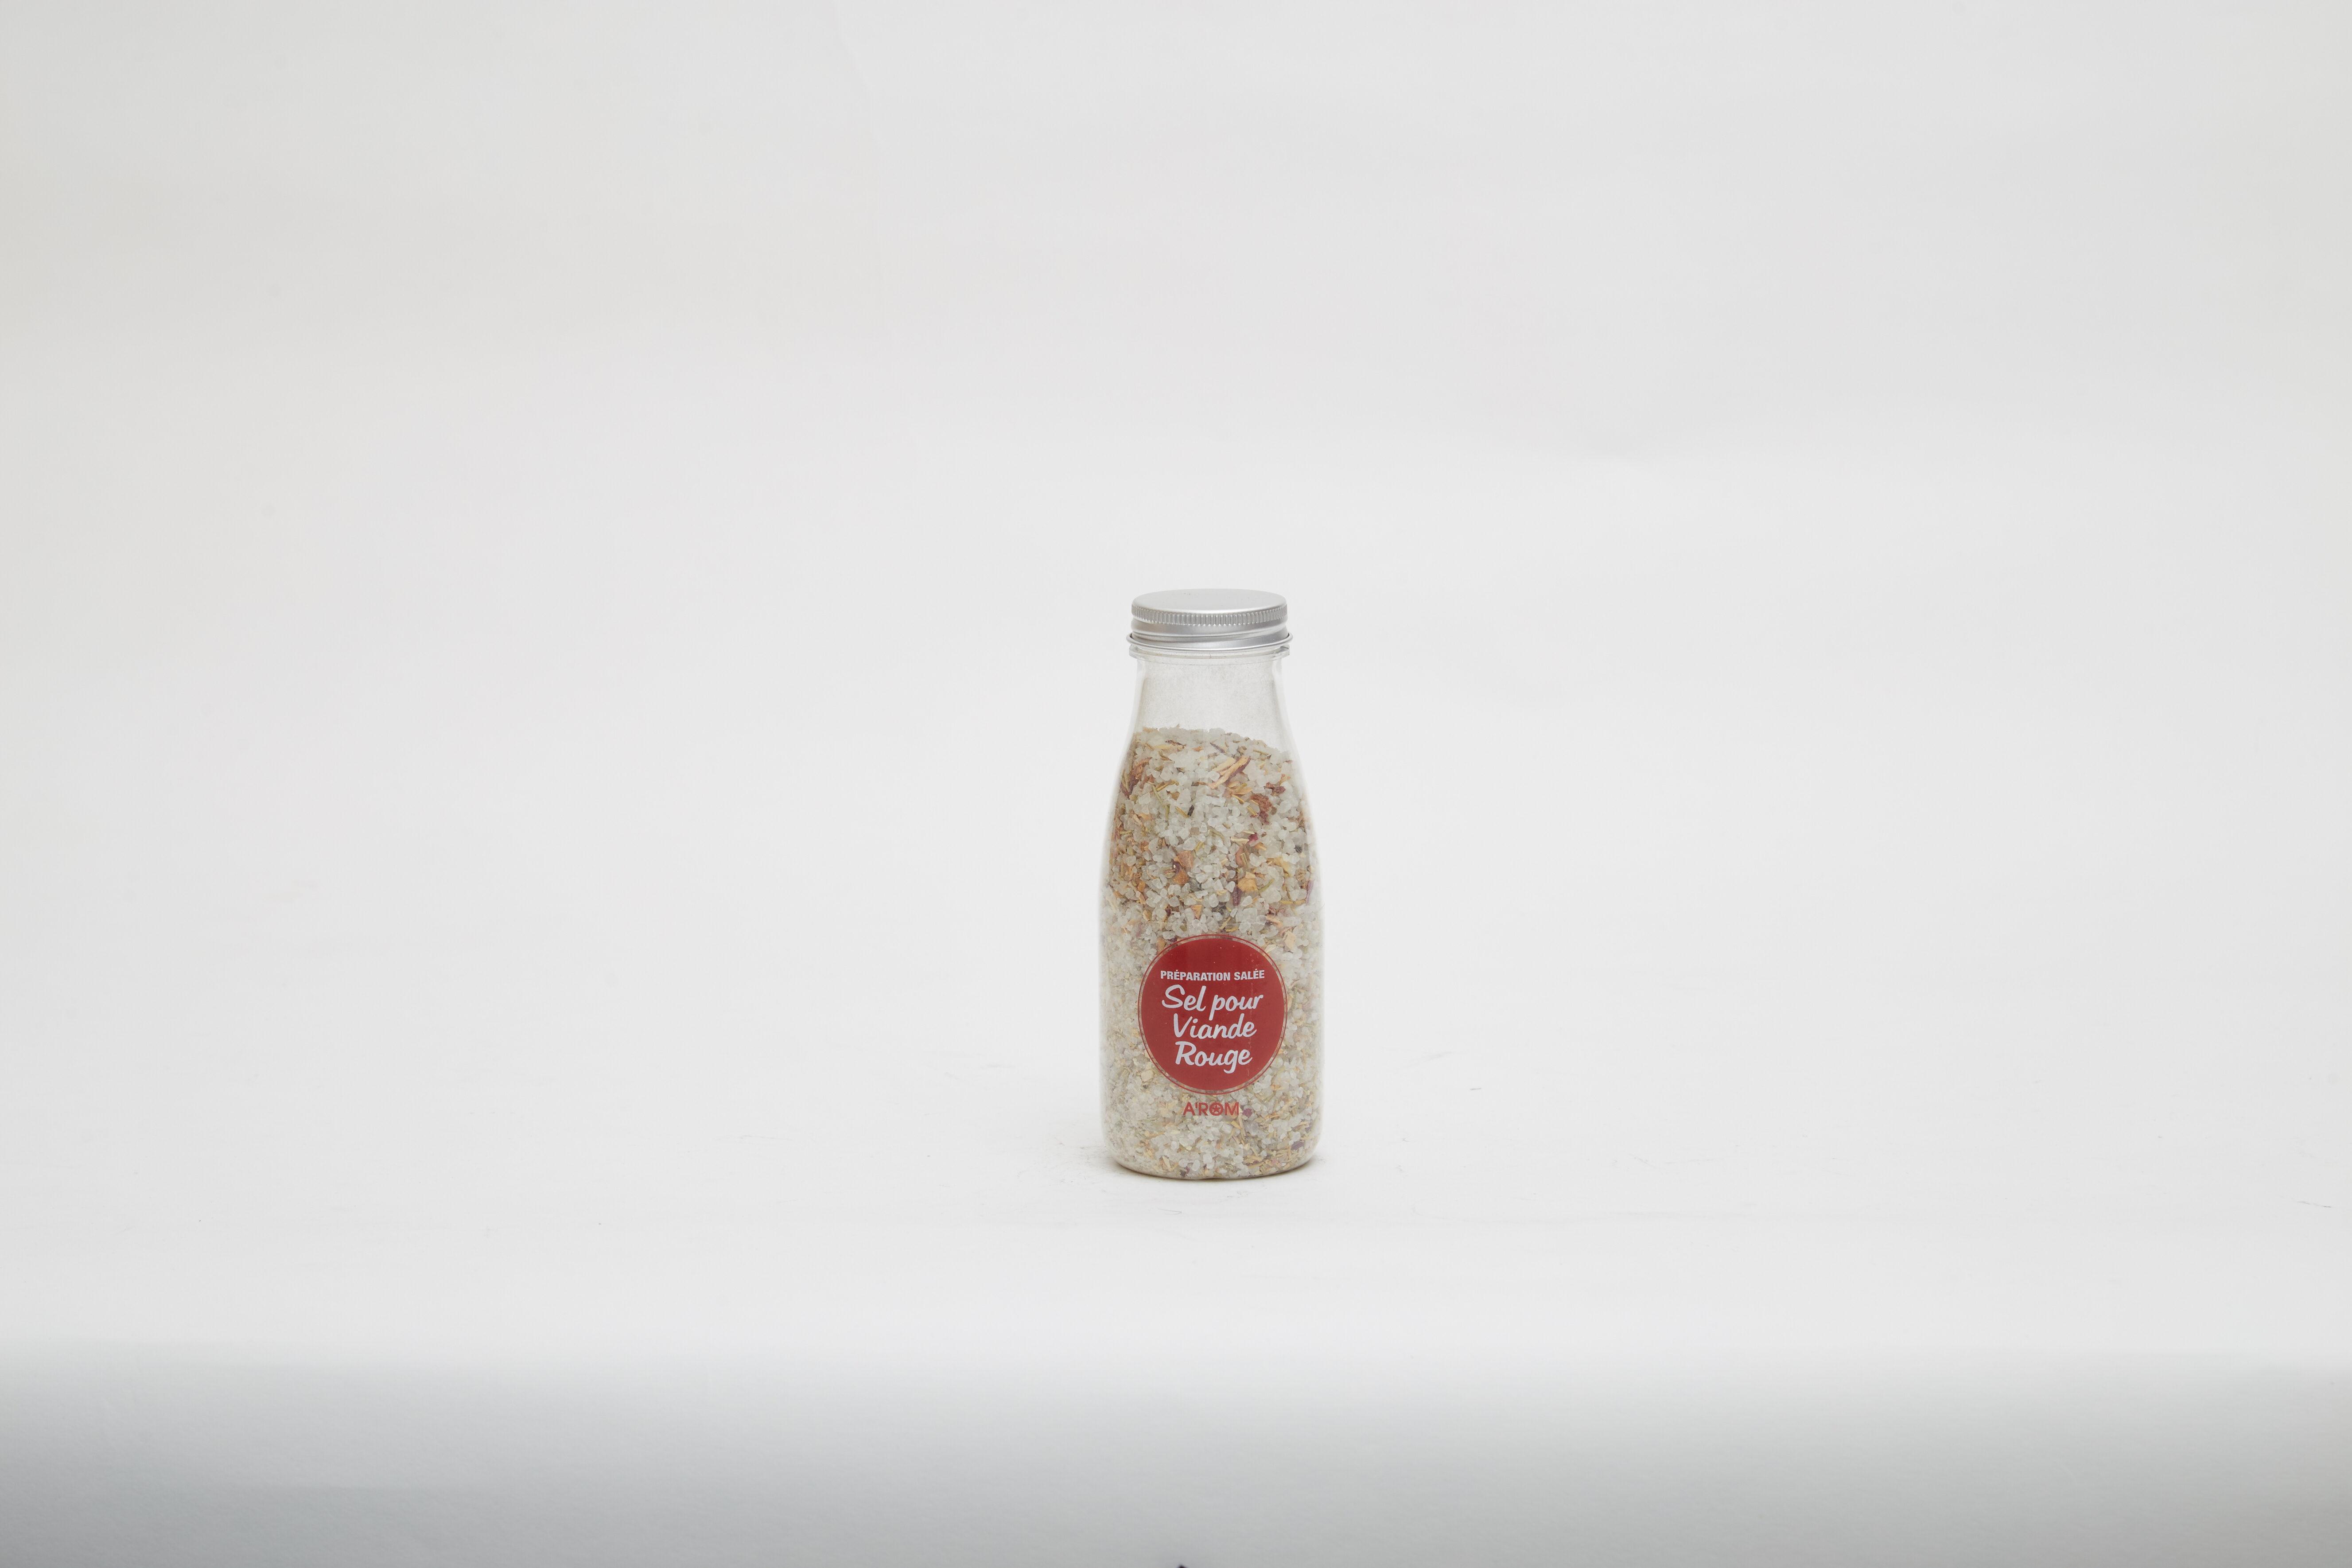 Préparation culinaire de Sel pour viande rouge - Product - fr